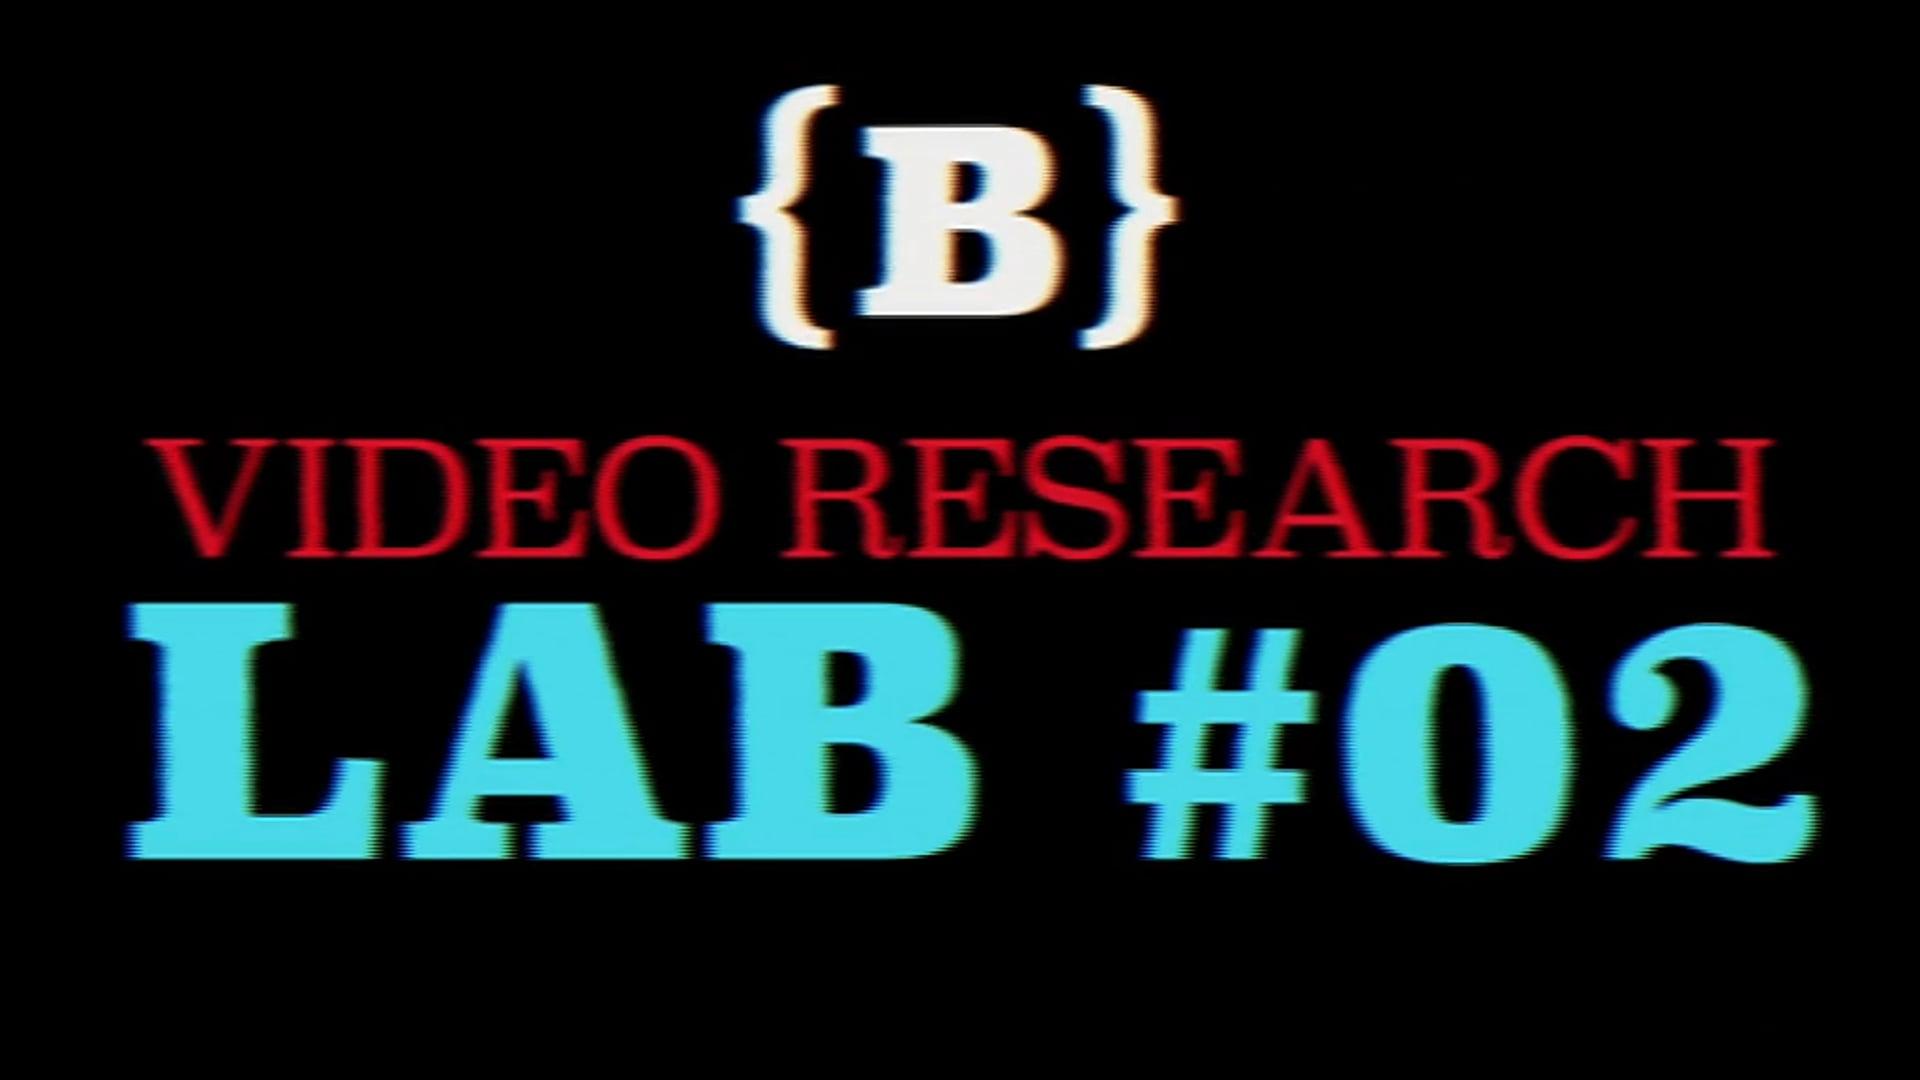 'Lab#2'